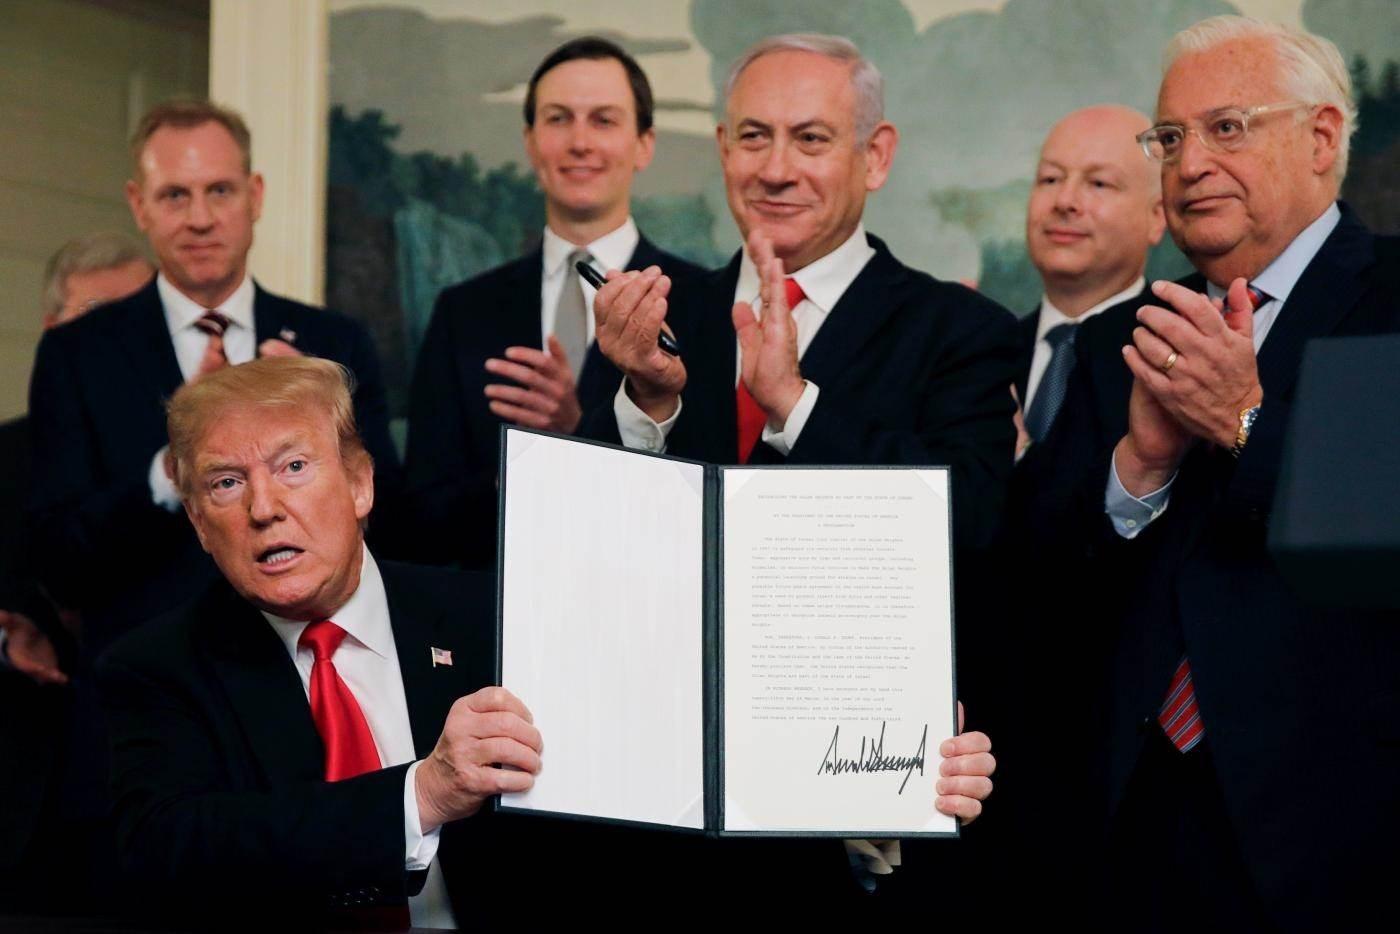 يبقى الرهان الأميركي- الإسرائيلي لتنفيذ الخطّة